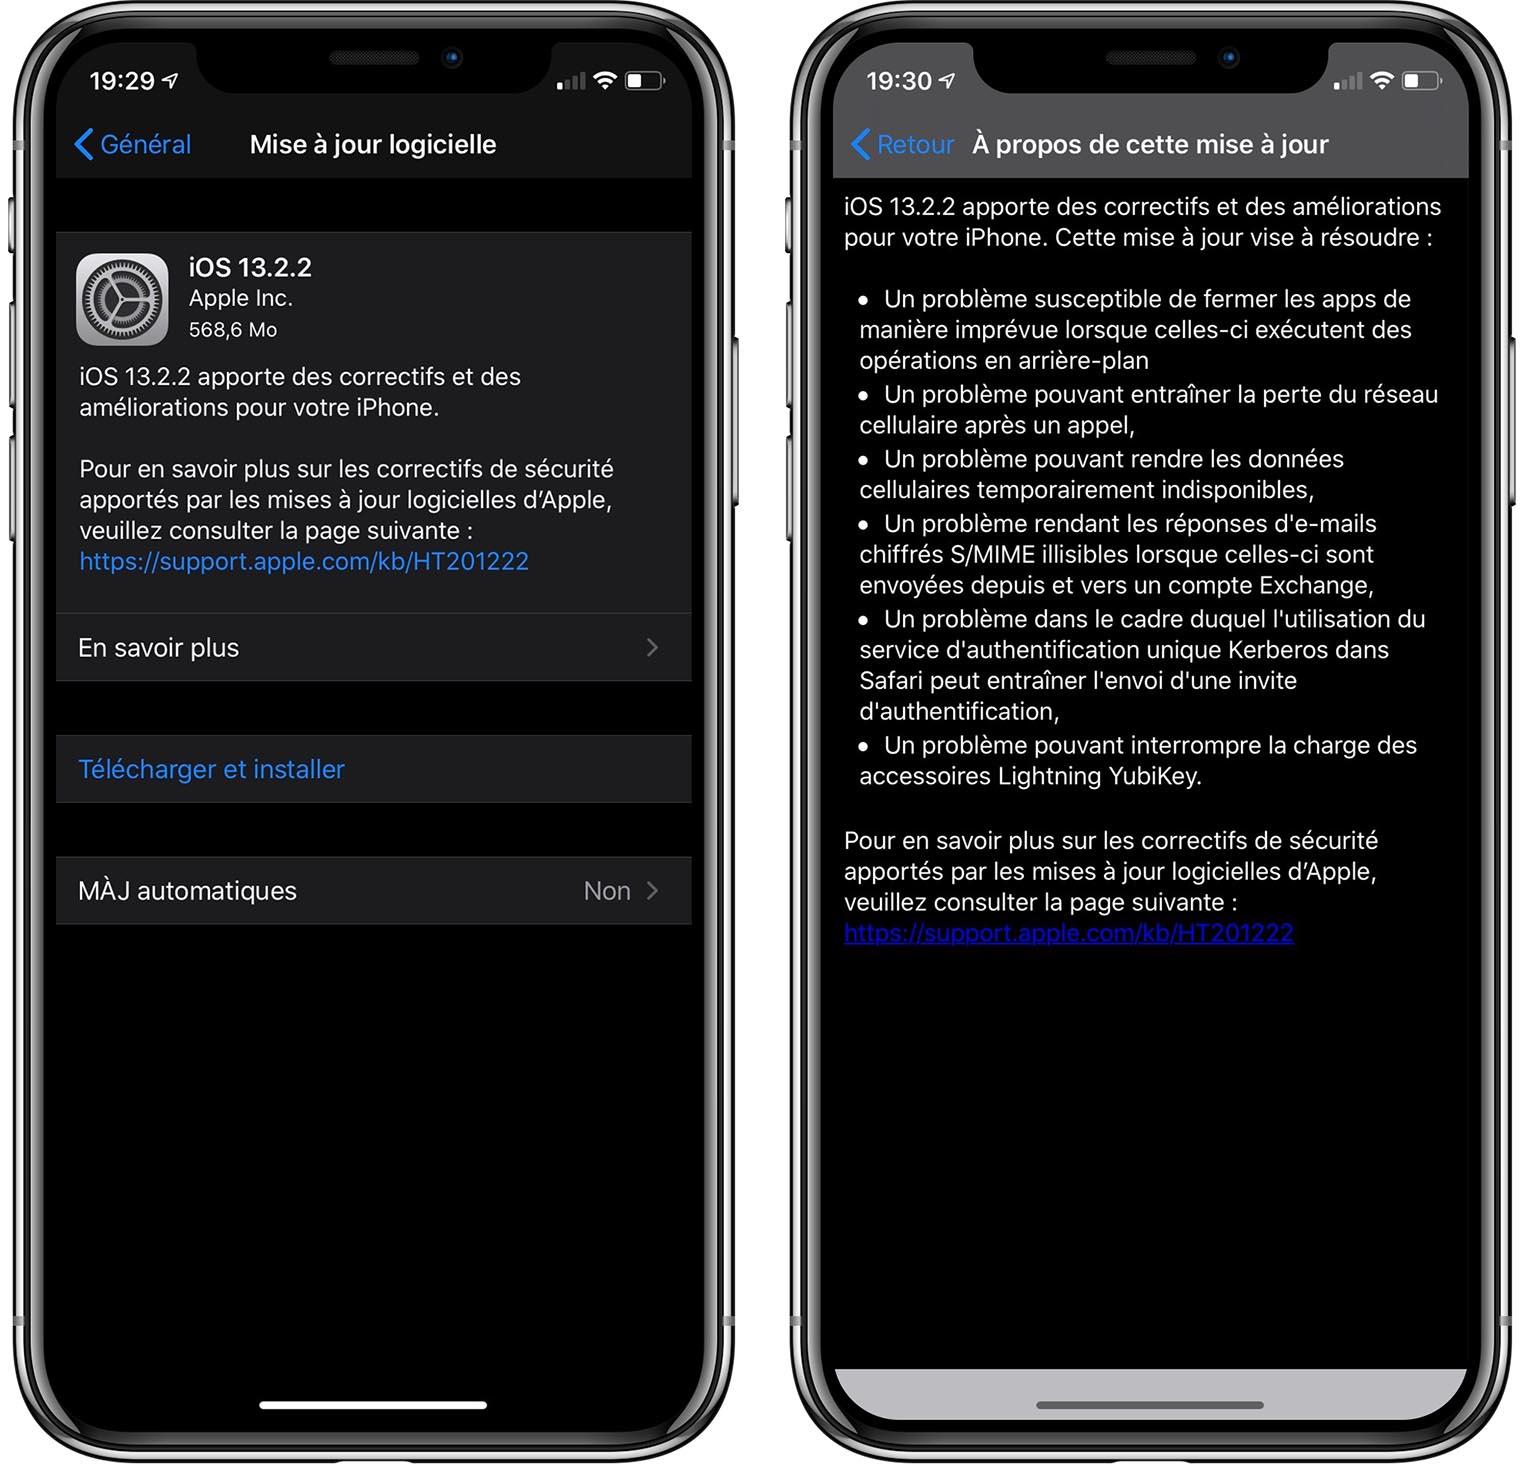 iOS 13.2.2